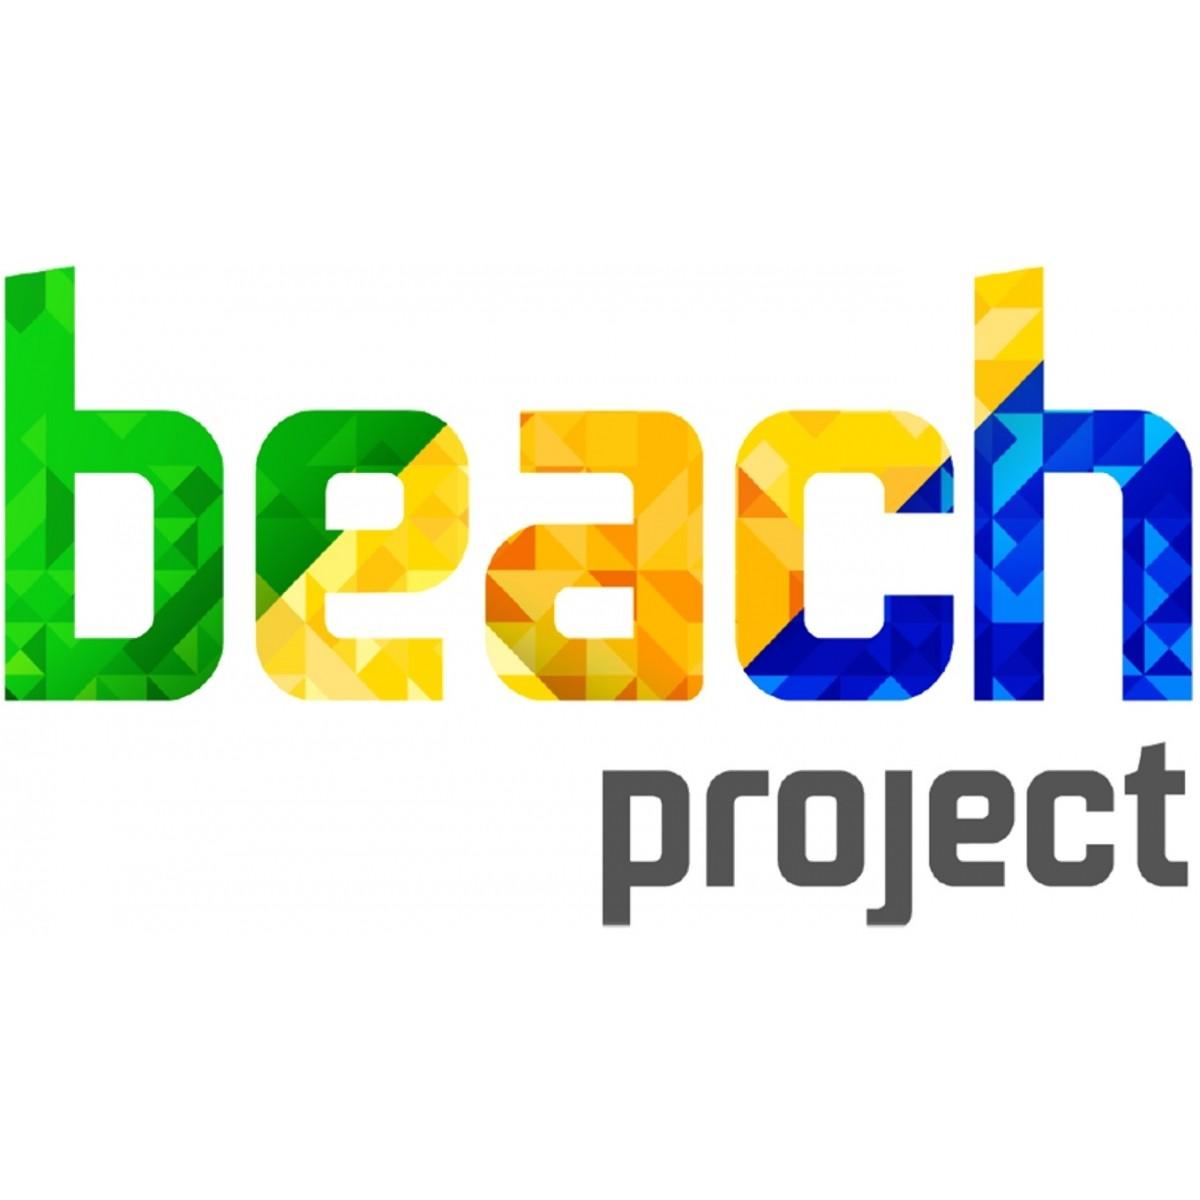 Inscrição - BEACH Project  - CENTRAL DE PAGAMENTOS IFMSA BRAZIL